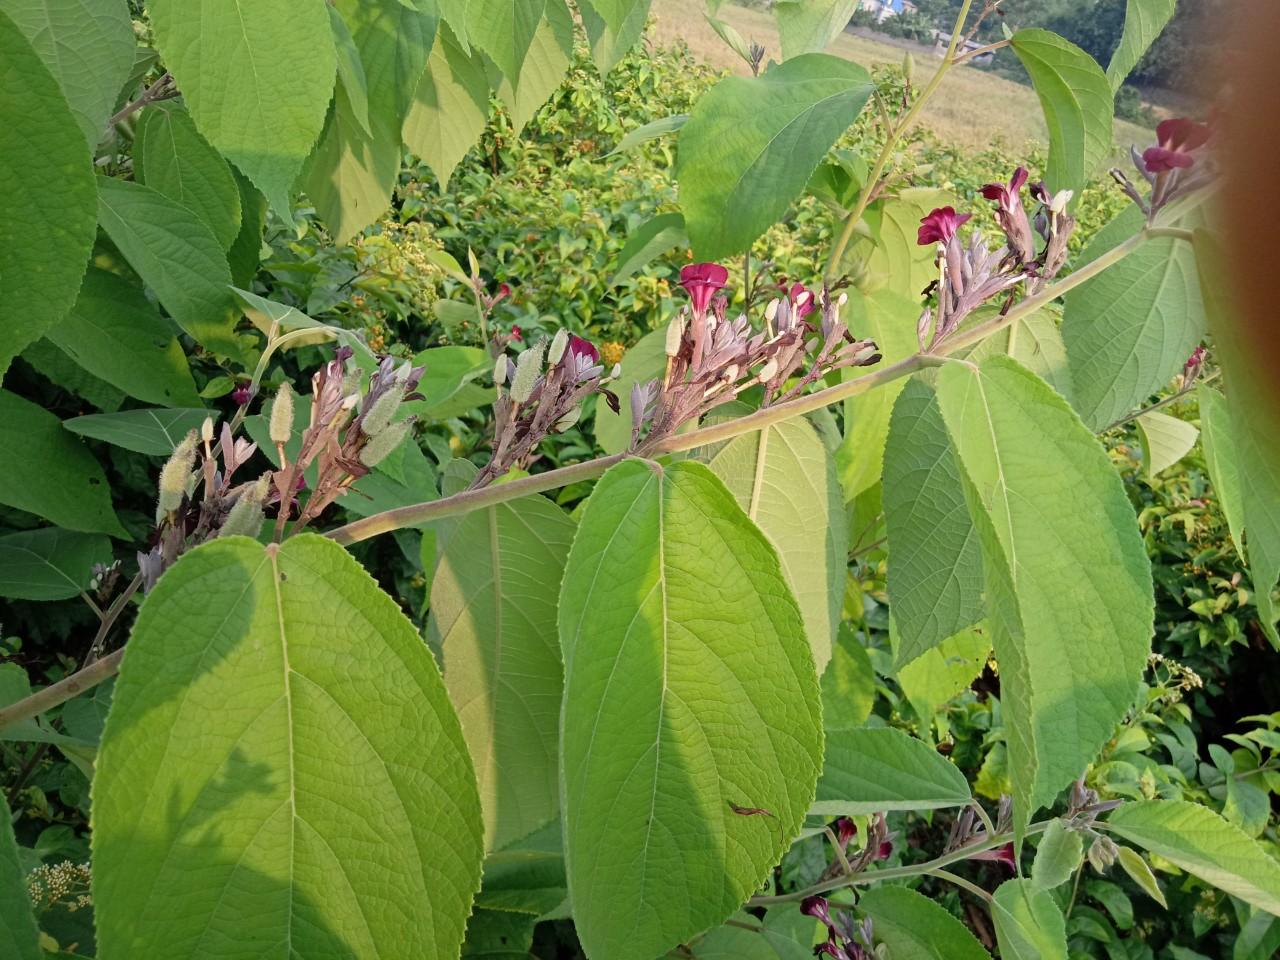 Đại lý mua bán cây an xoa chất lượng tại Yên Bái